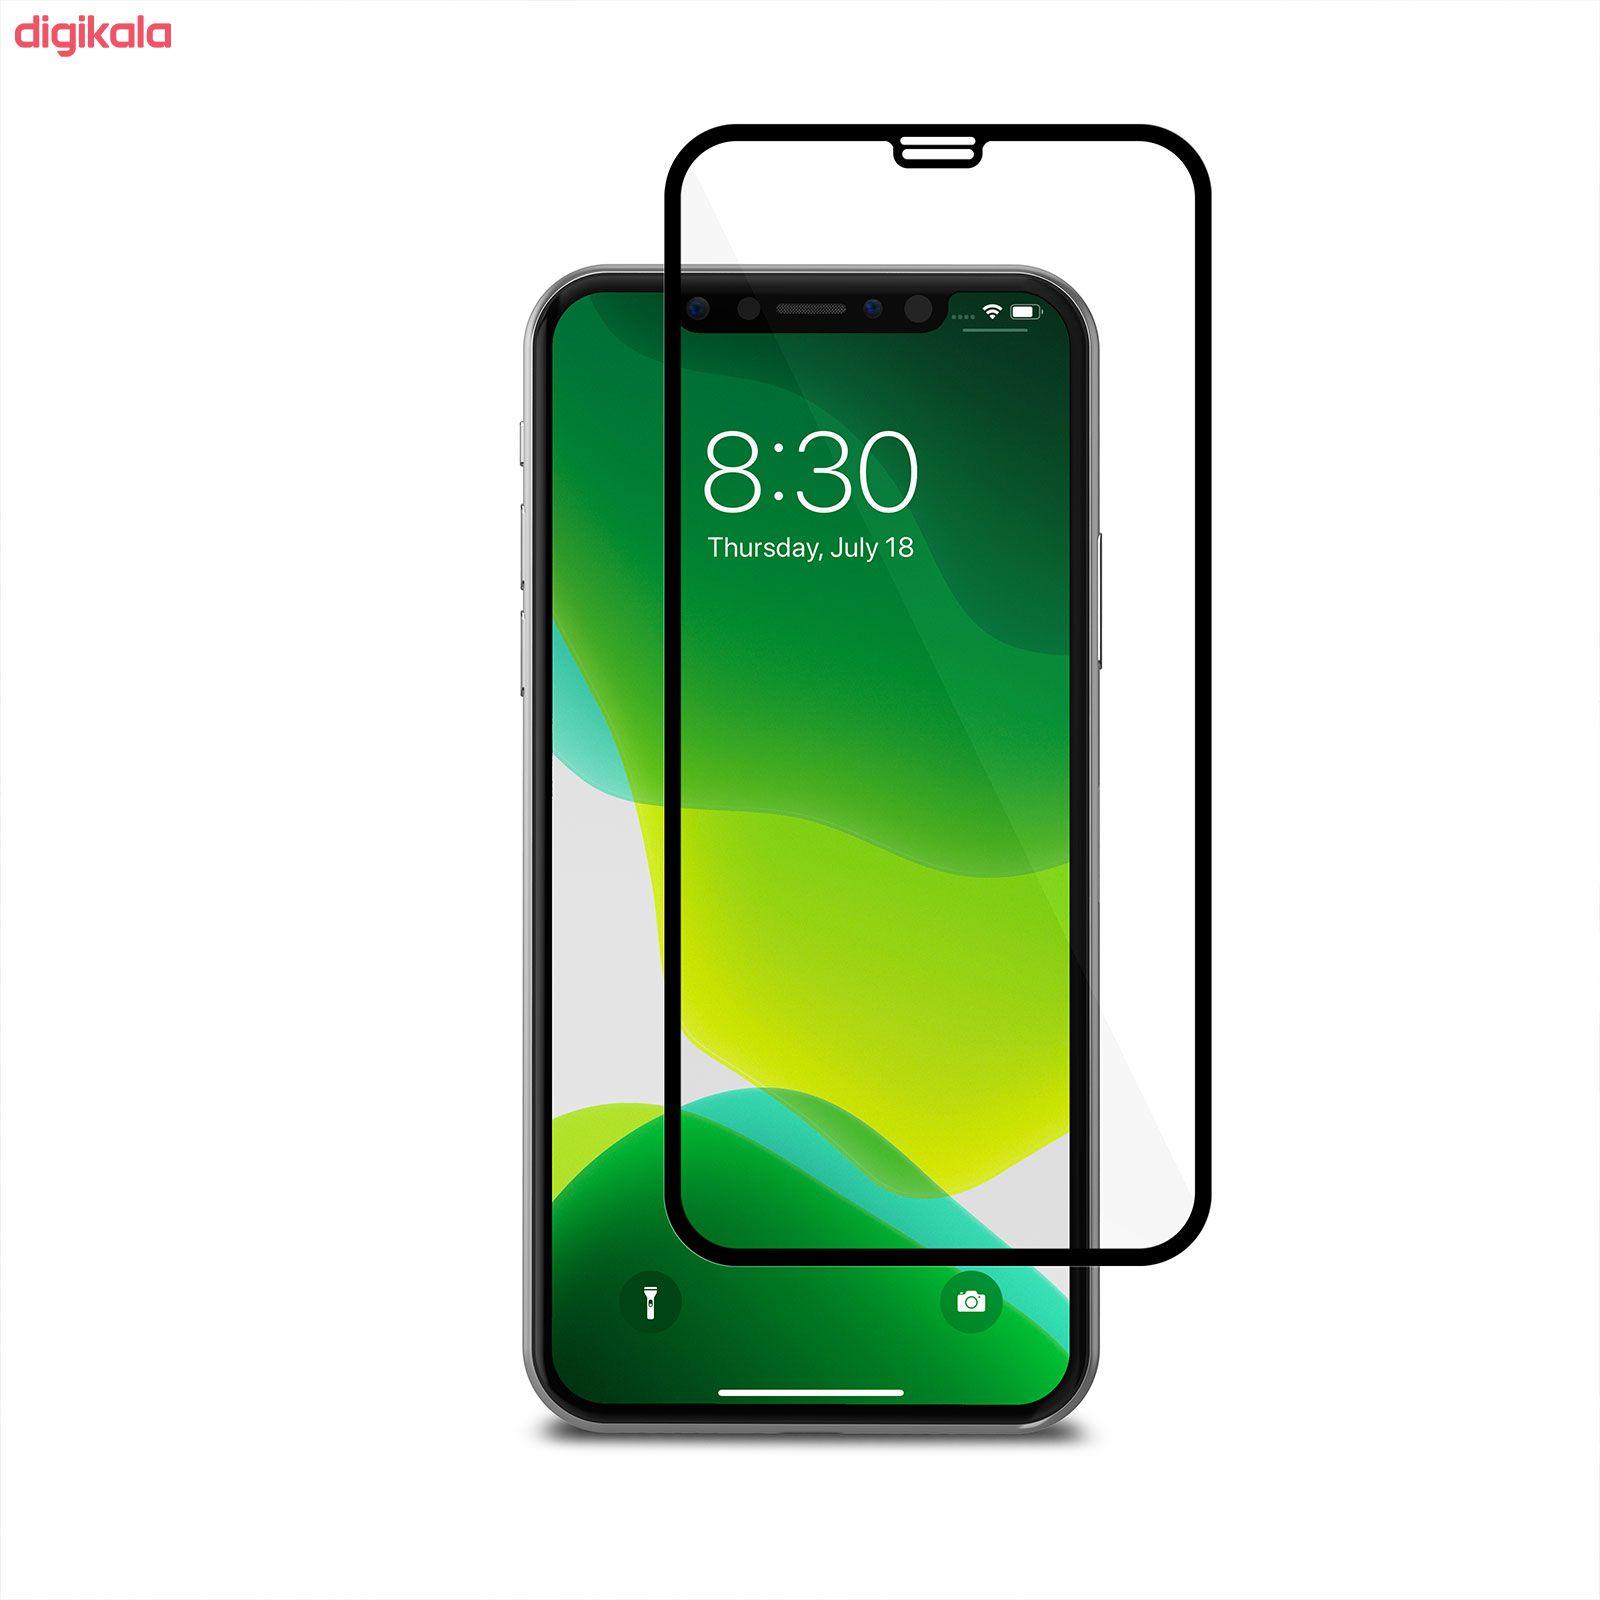 محافظ صفحه نمایش گلس کام مدل GC-11 مناسب برای گوشی موبایل اپل iPhone 11 / XR main 1 3